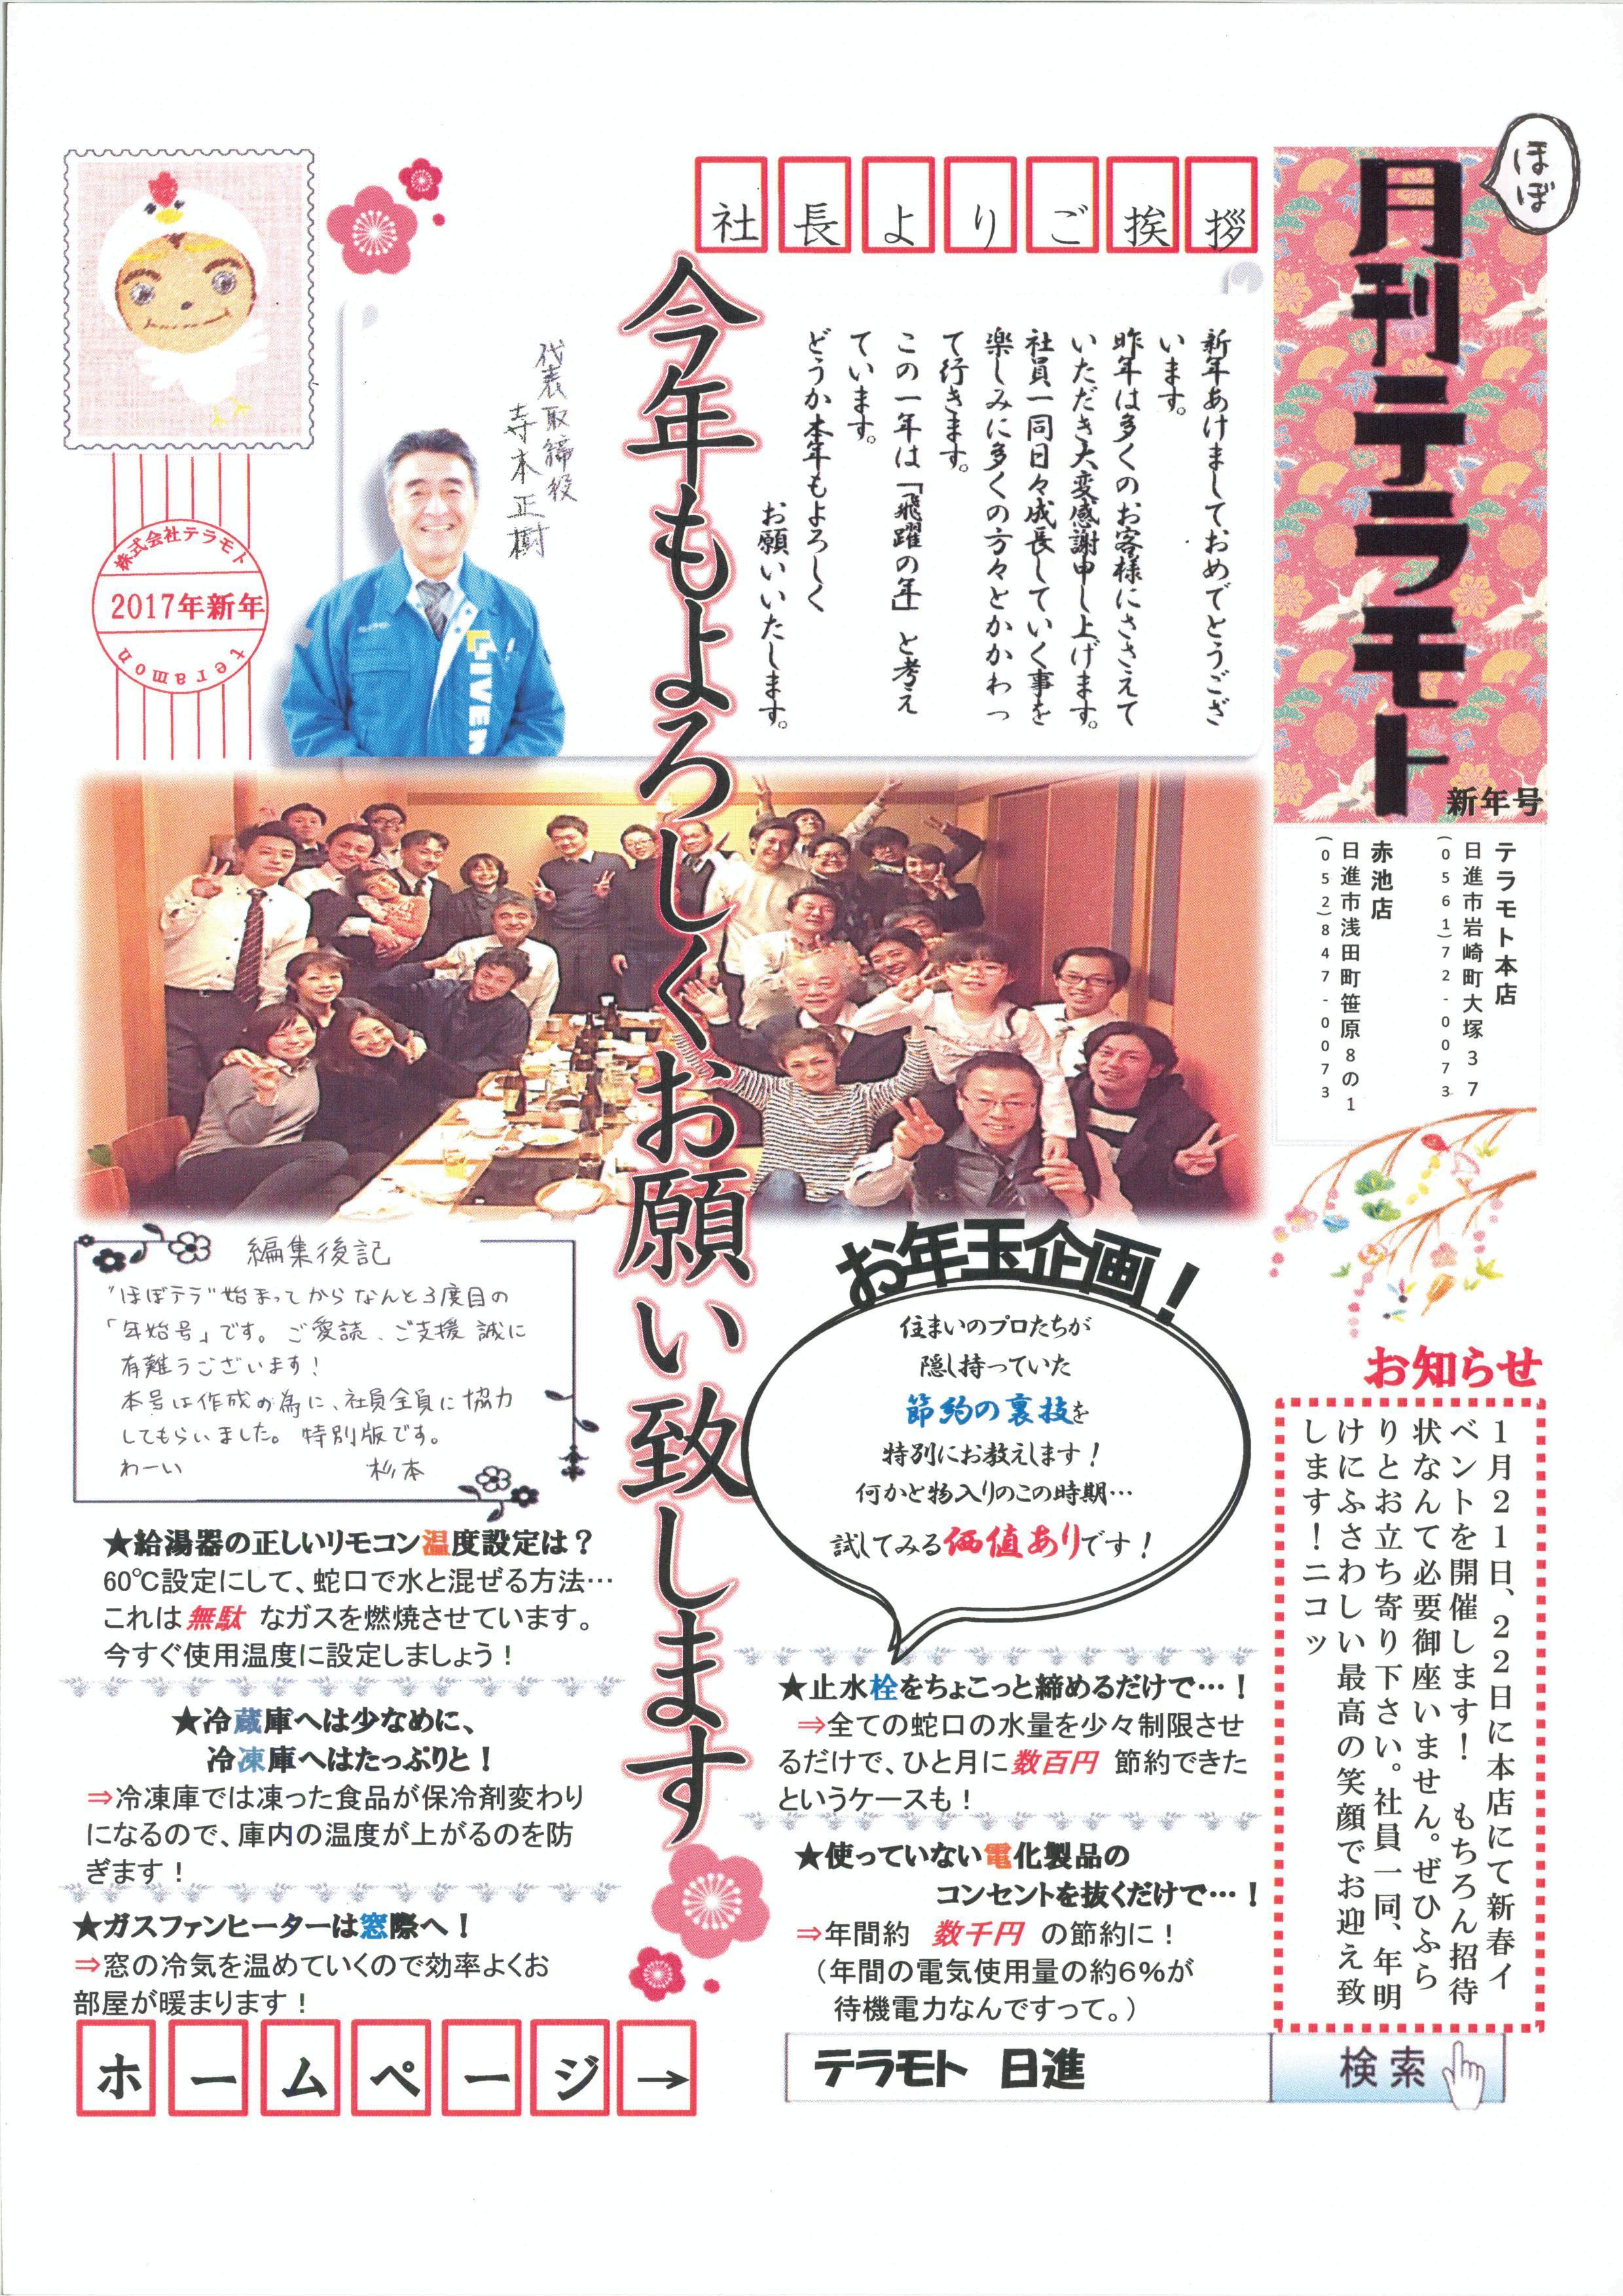 テラモト新聞28年新年号.jpg